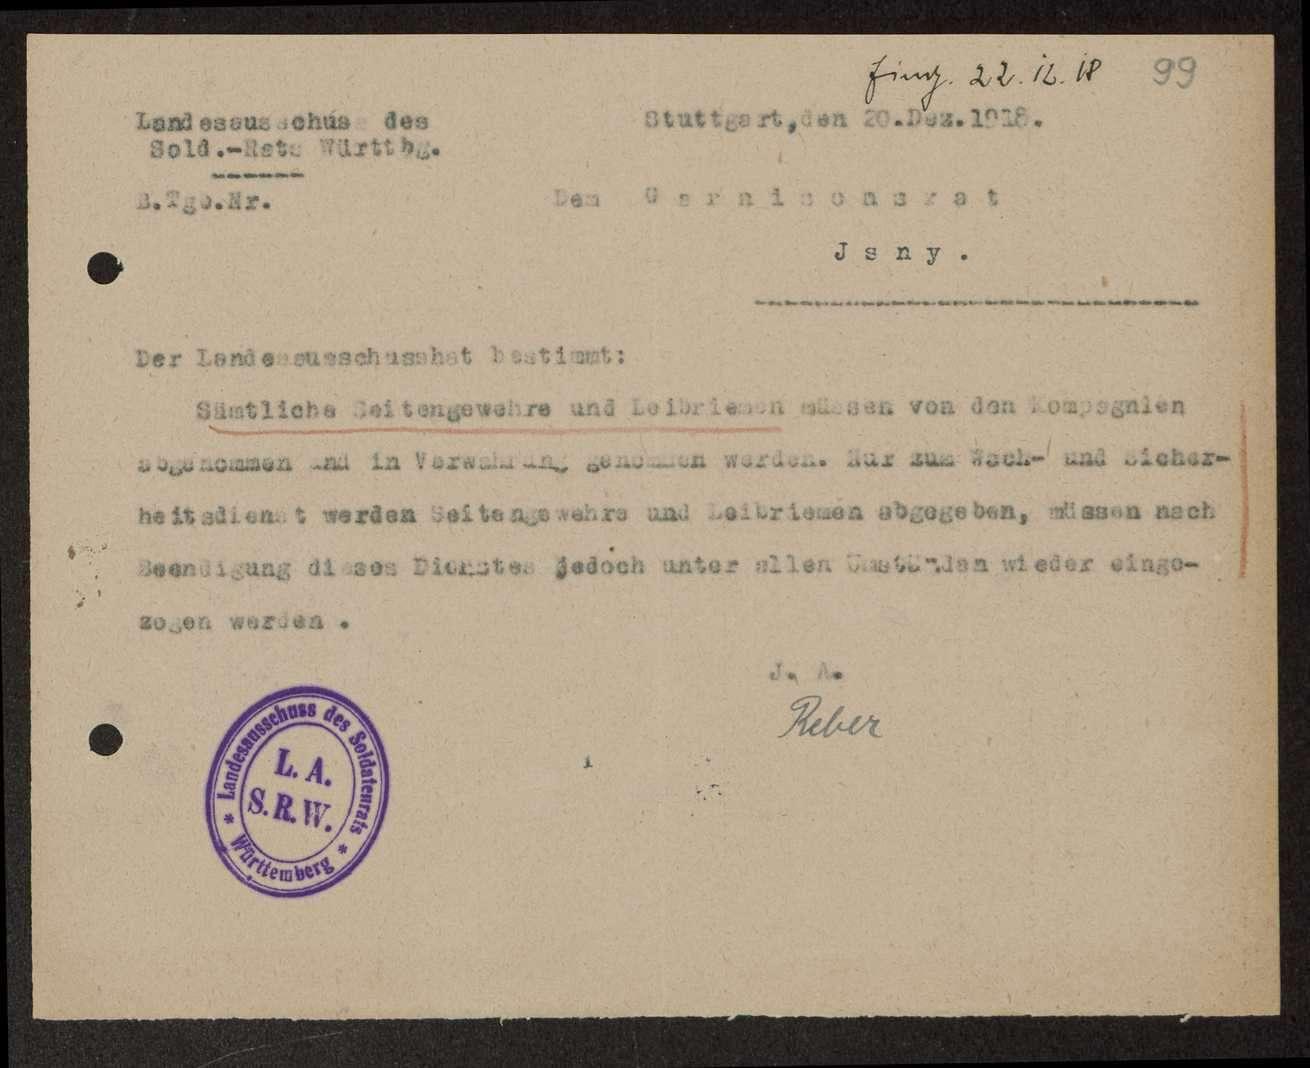 Bestimmung des Landesausschusses der Soldatenräte über das Tragen von Seitengewehren und Leibriemen, Bild 3